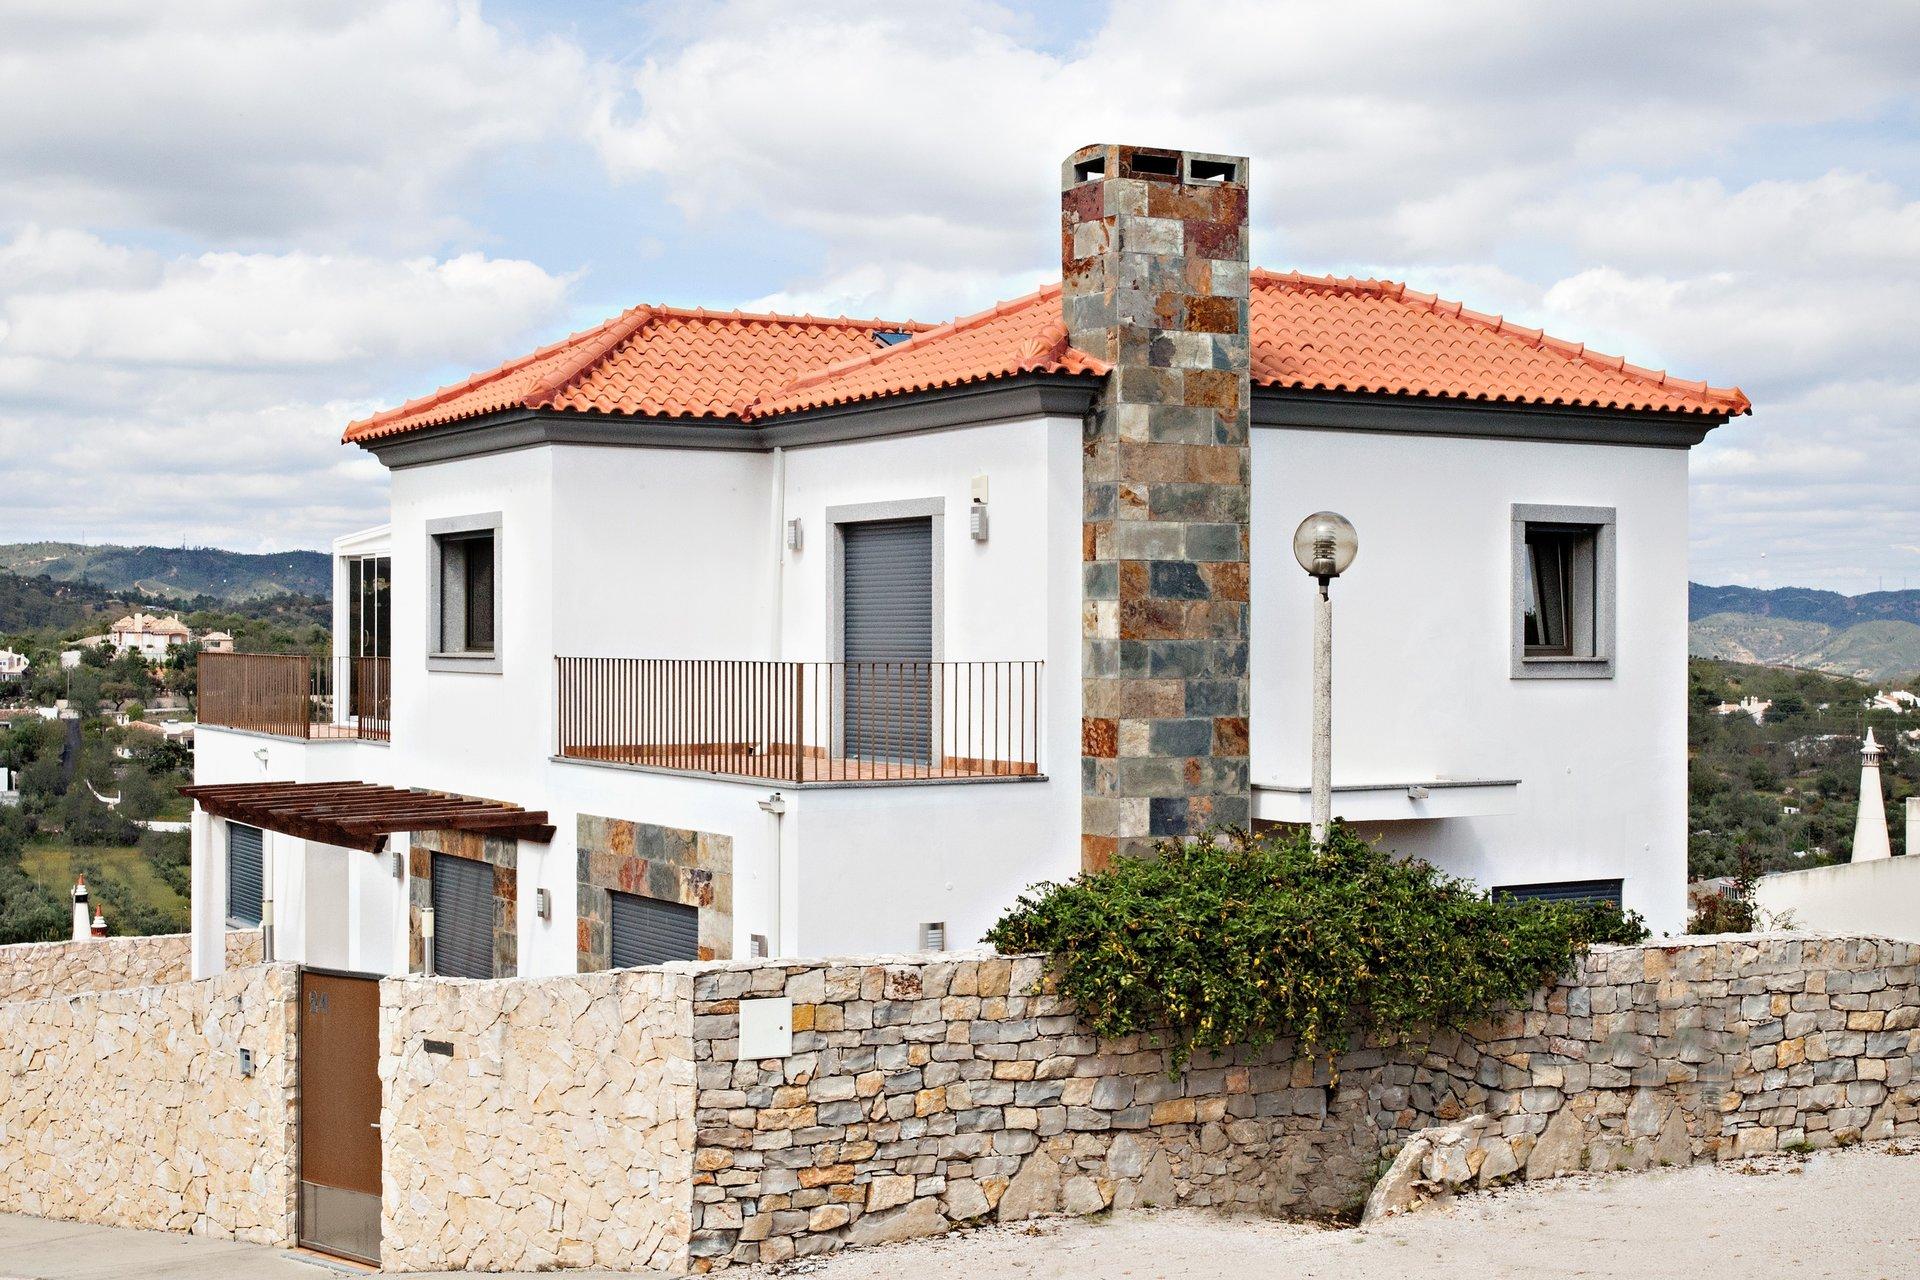 4 Bedroom Villa Sao Bras de Alportel, Central Algarve Ref: JV10376